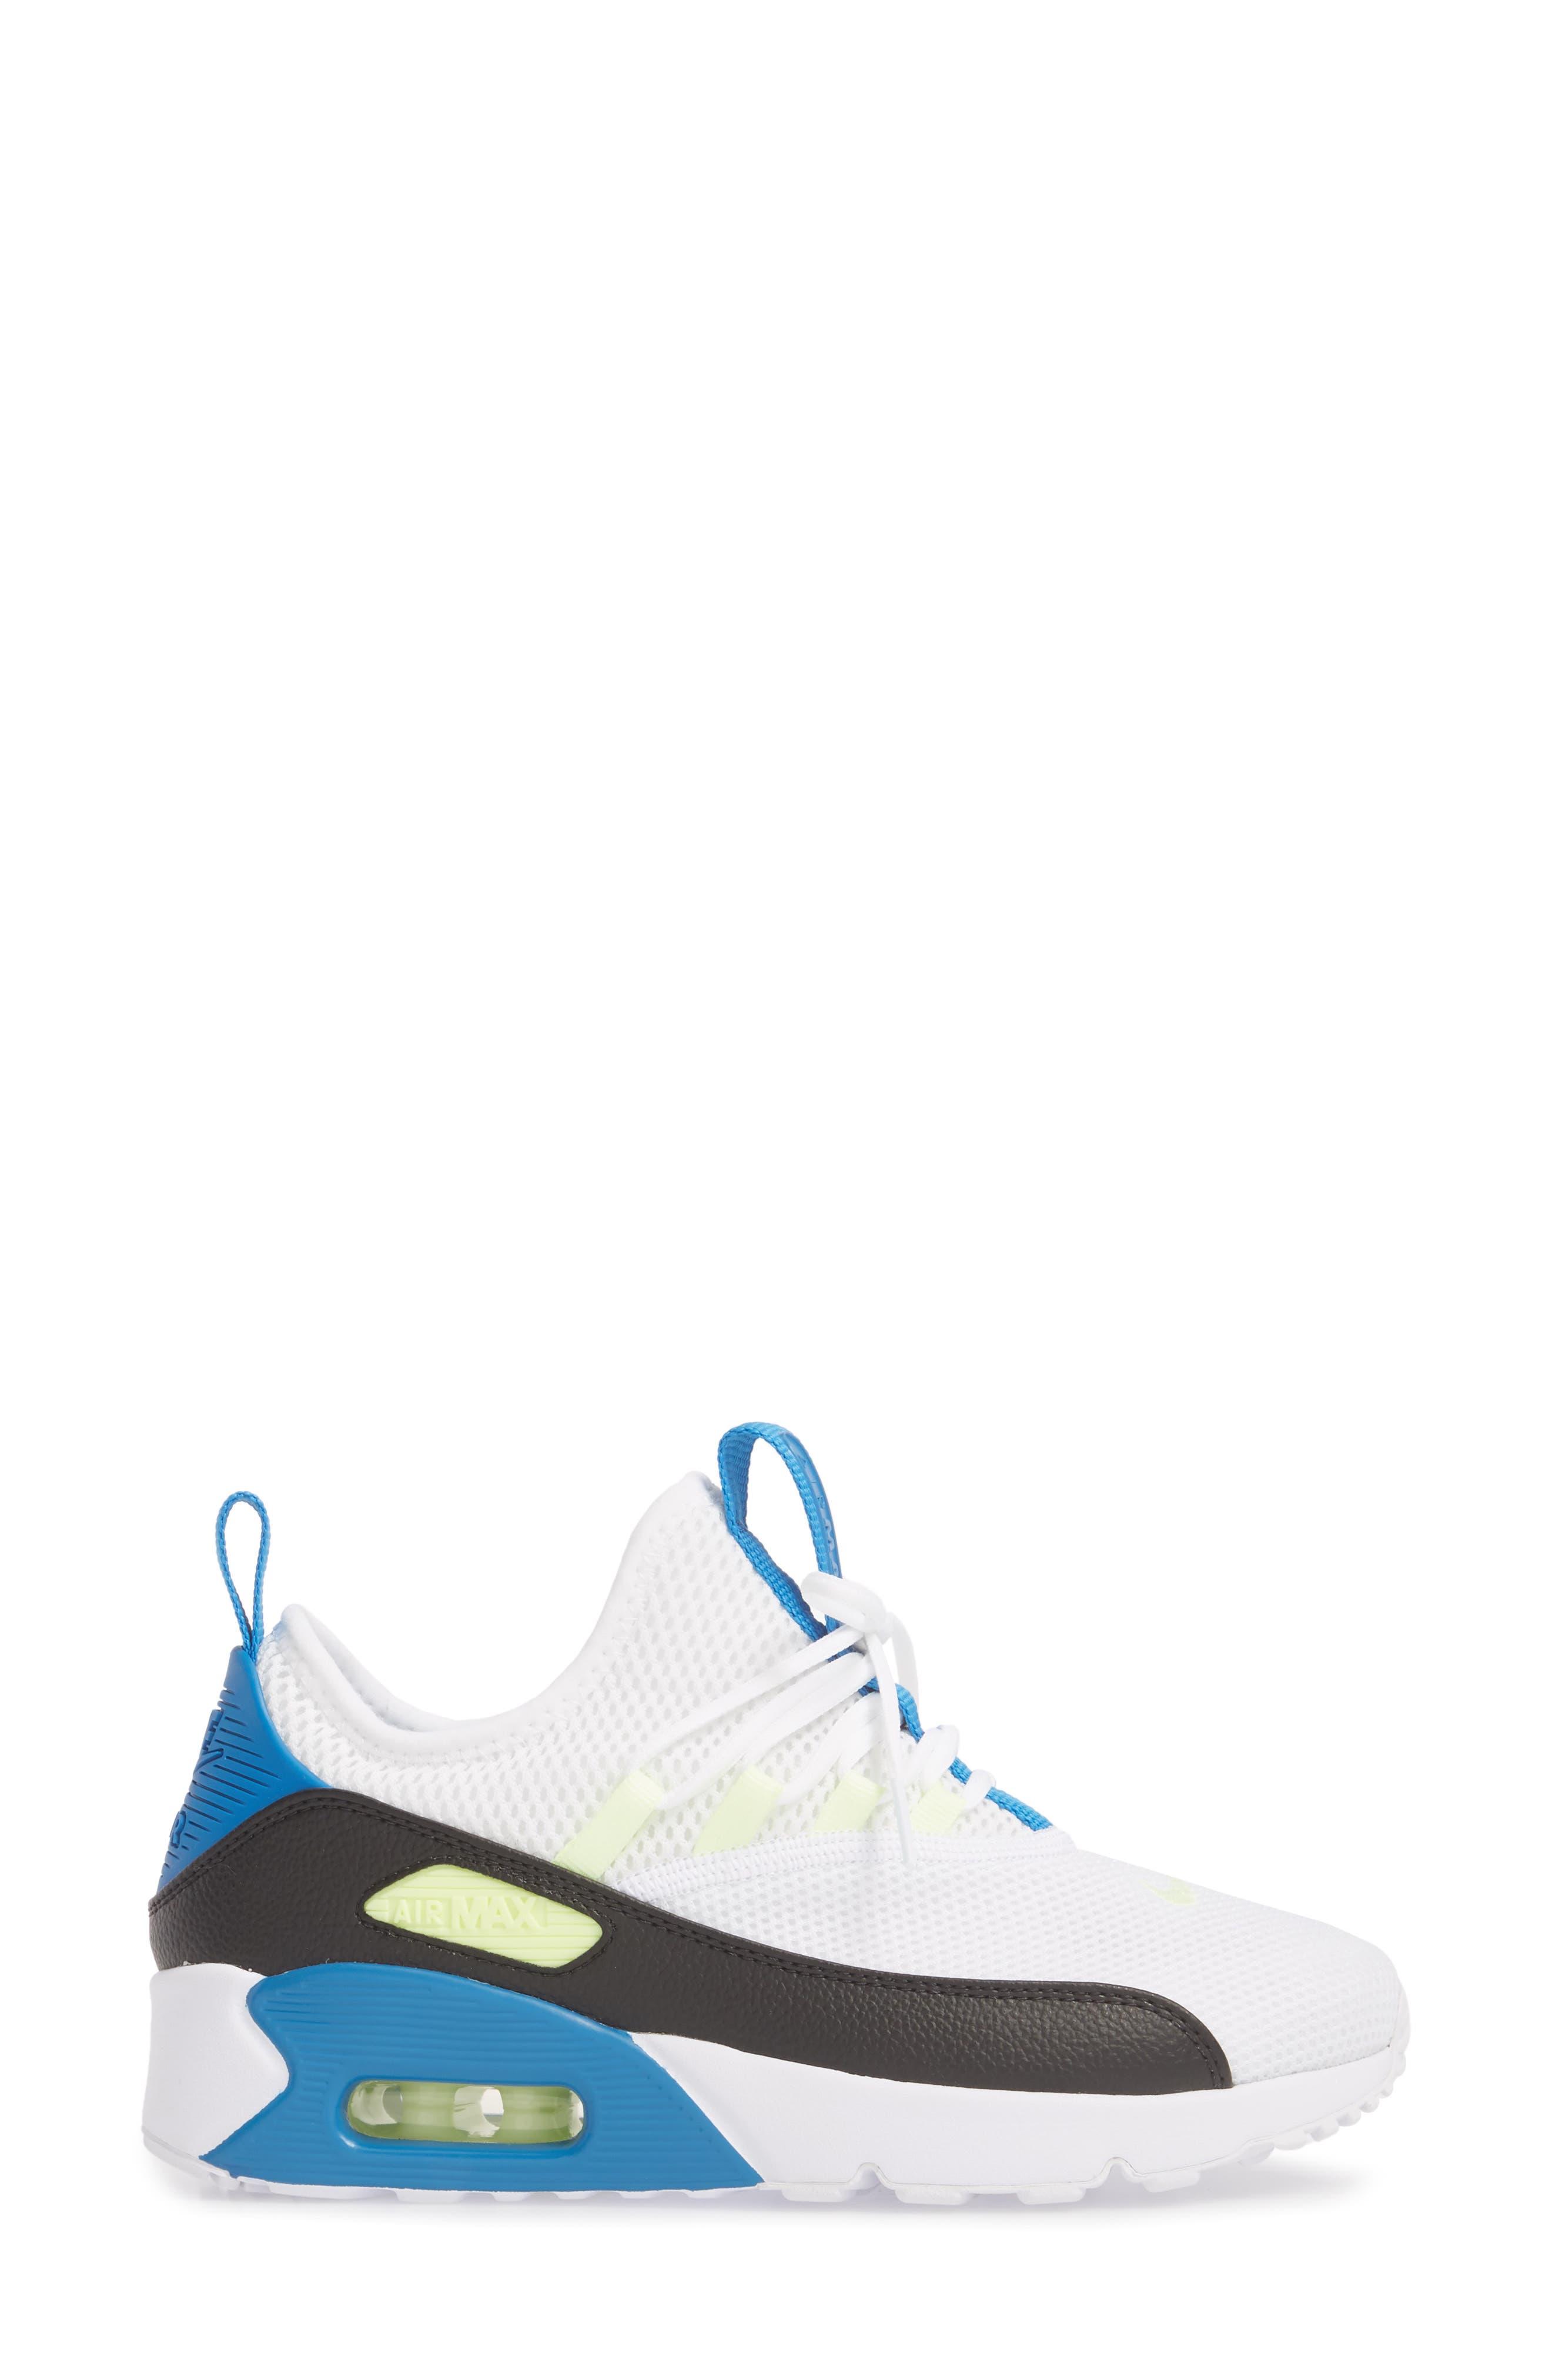 Air Max 90 EZ Sneaker,                             Alternate thumbnail 3, color,                             102